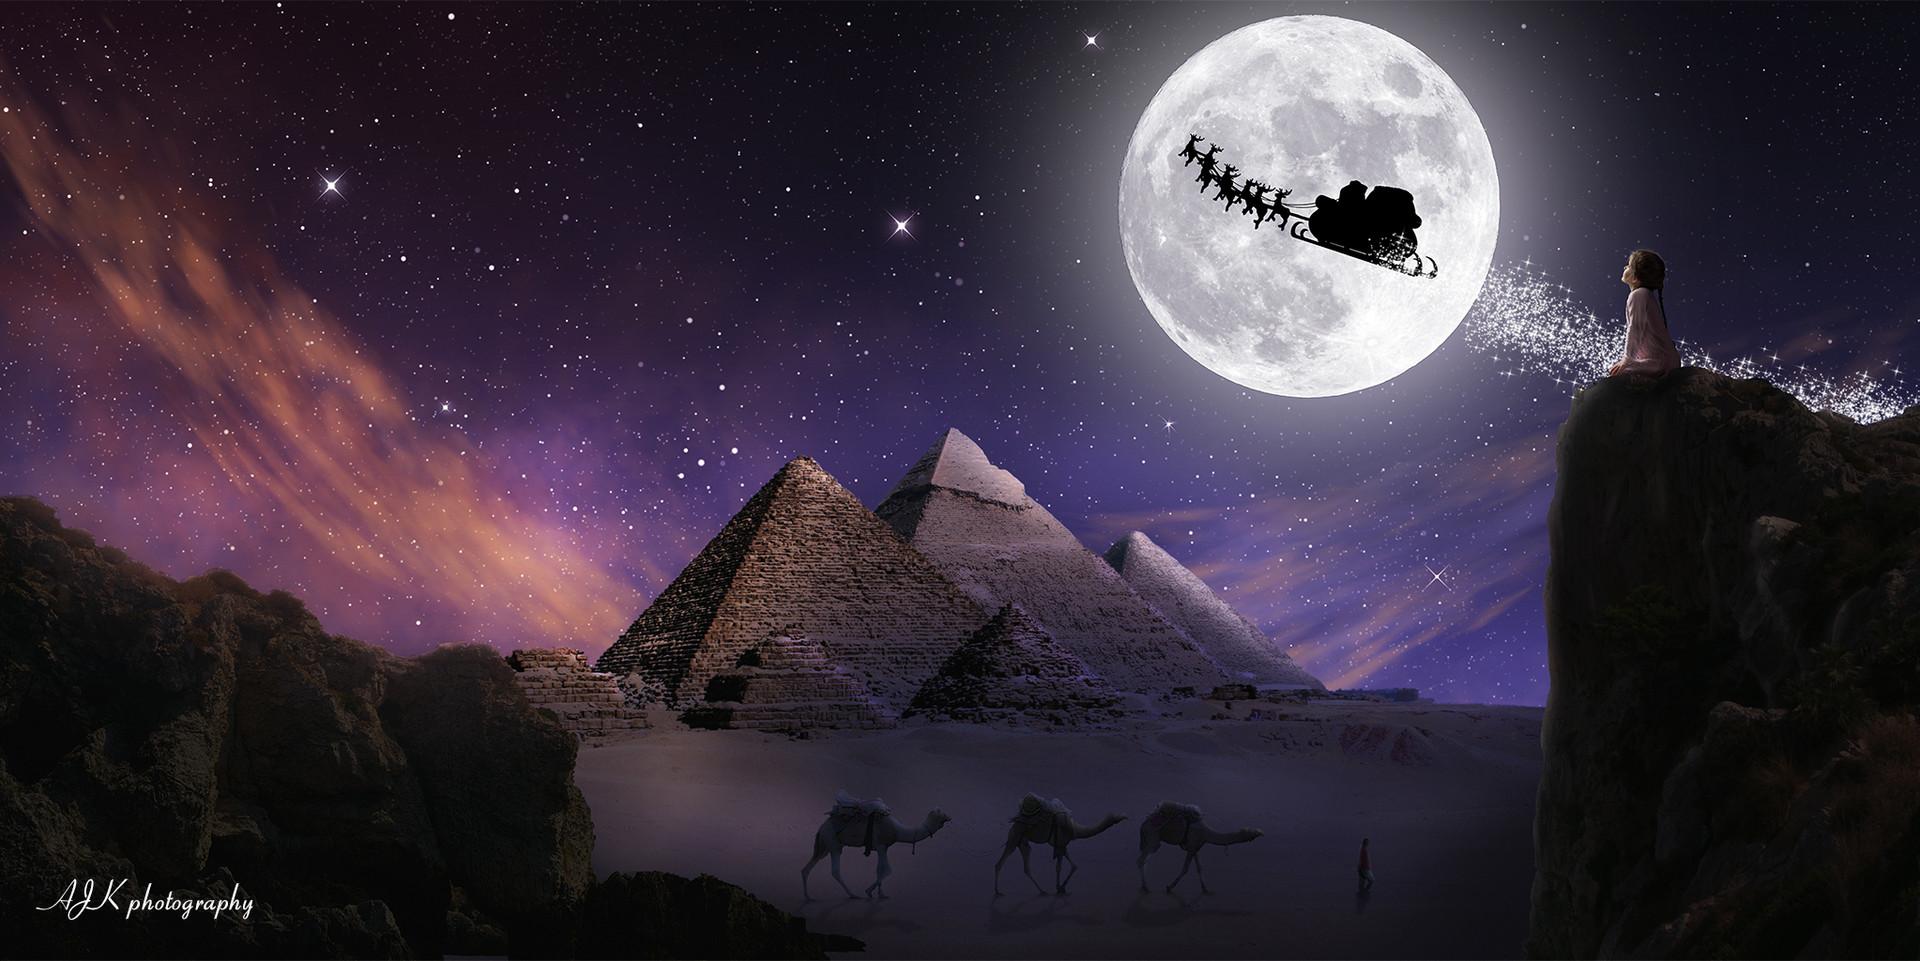 Santa in moon Egypt Kaitlin fb.jpg